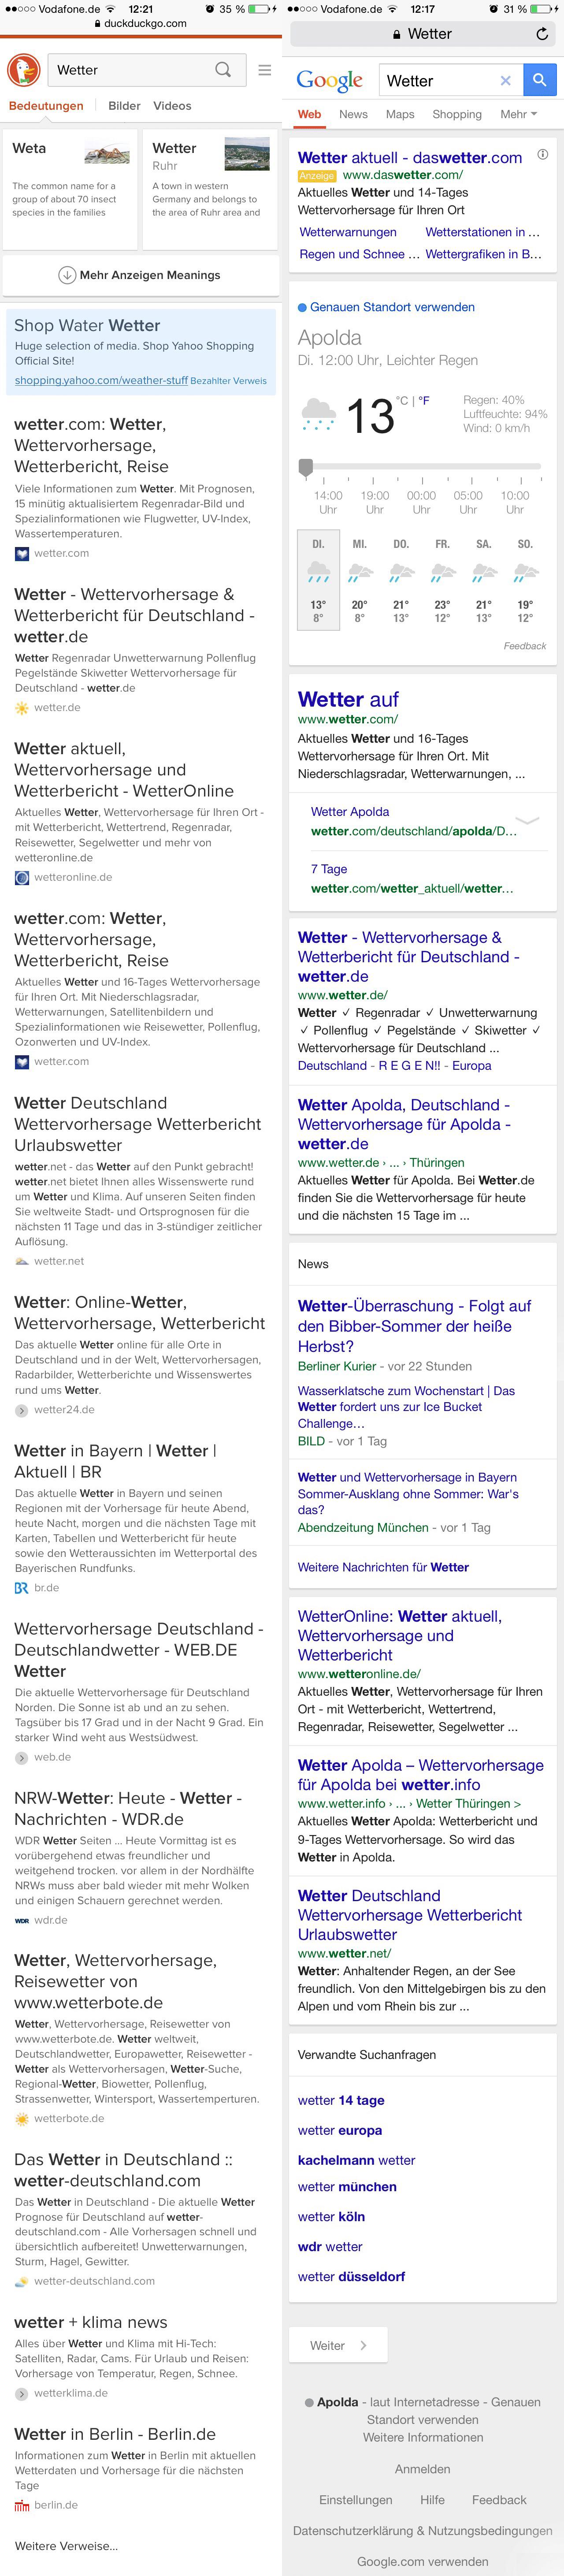 suchmaschinenvergleich 08 Google und DuckDuckGo: Die Suchergebnis Seiten im Vergleich